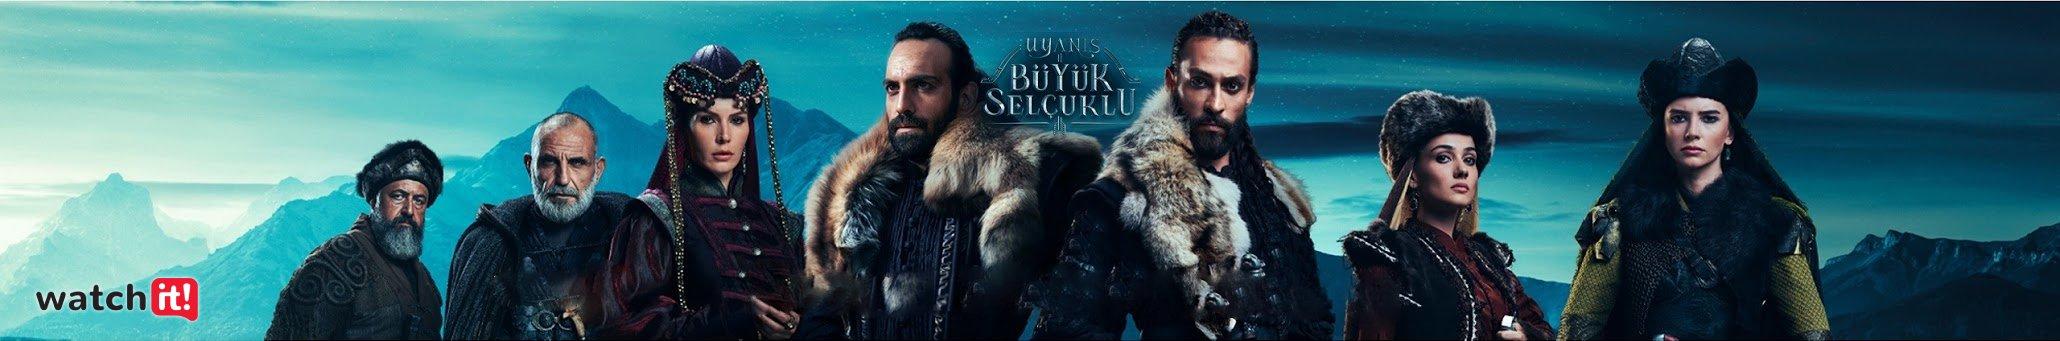 Uyanis: Buyuk Selcuklu English subtitles | Awakening: Great Seljuks